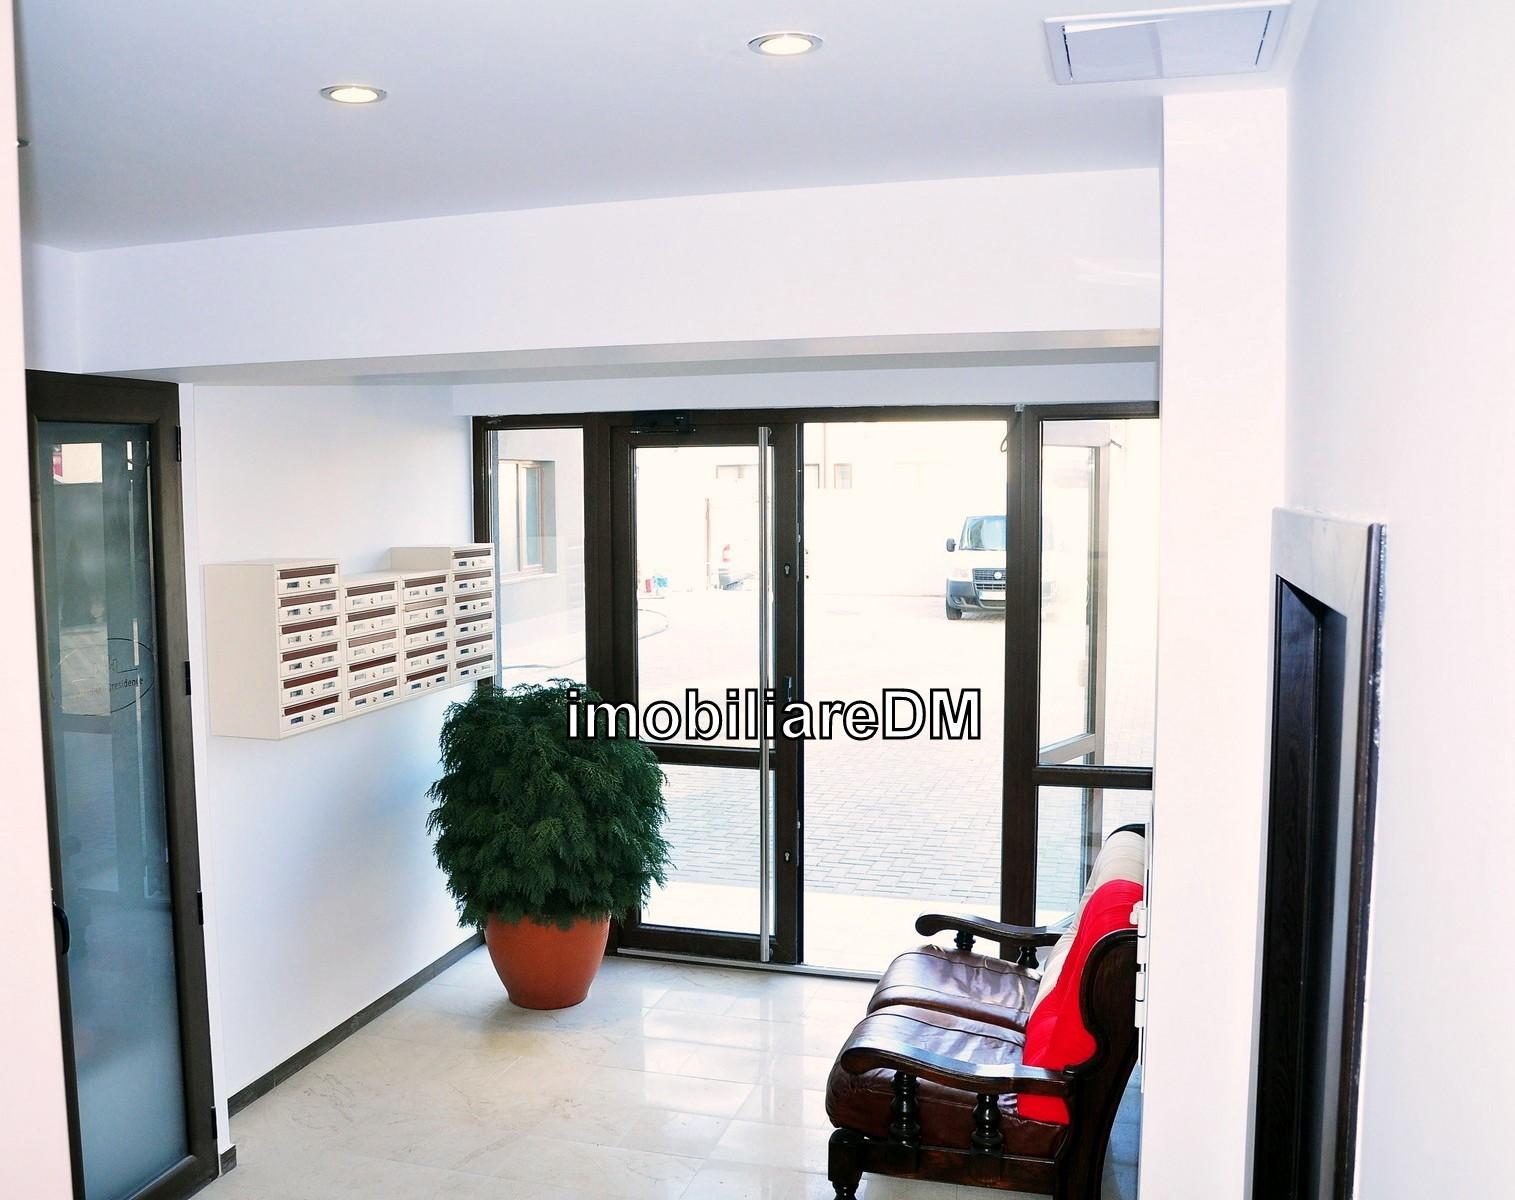 inchiriere apartament IASI imobiliareDM 1CENDFGSDFGRT00214